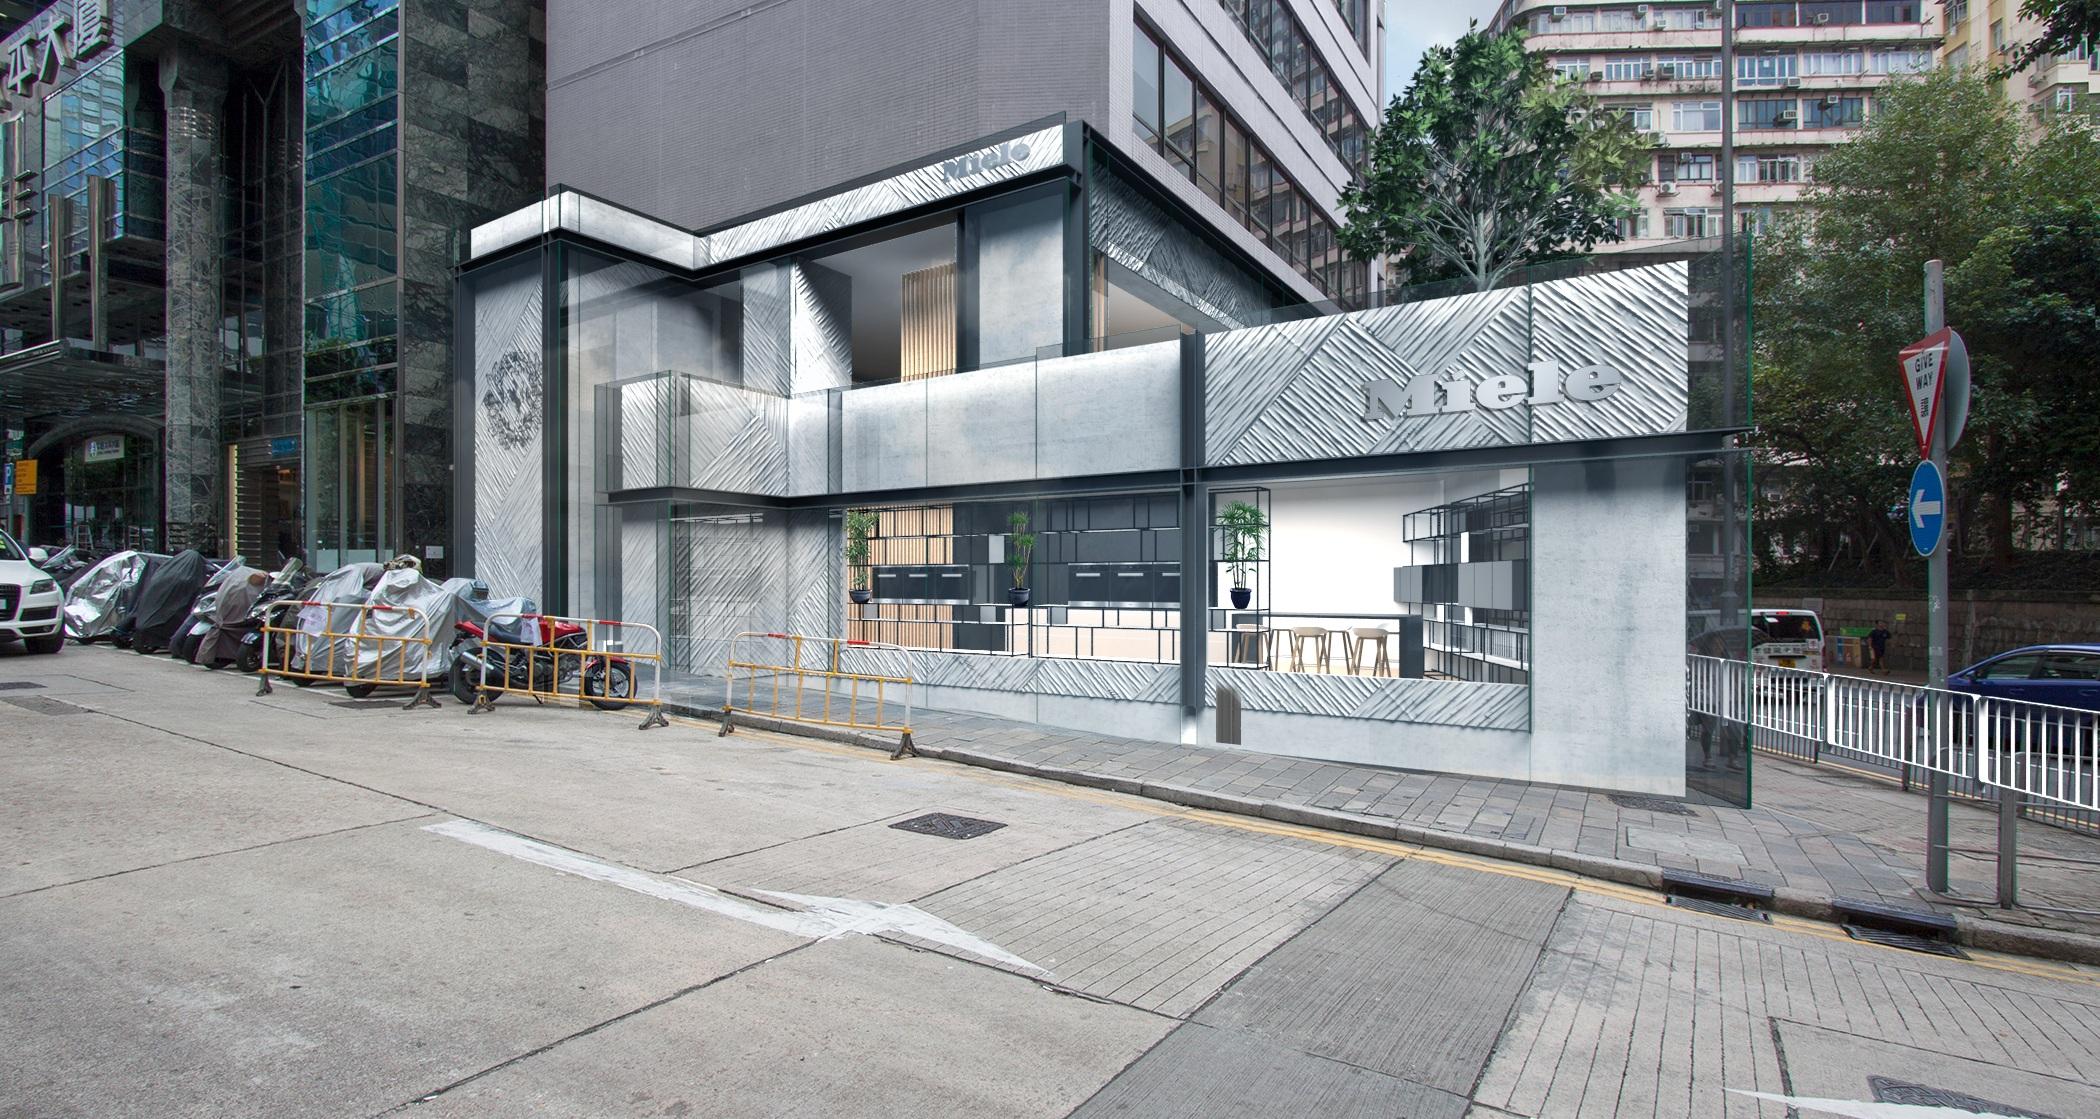 05 Miele Facade Hong Kong.png